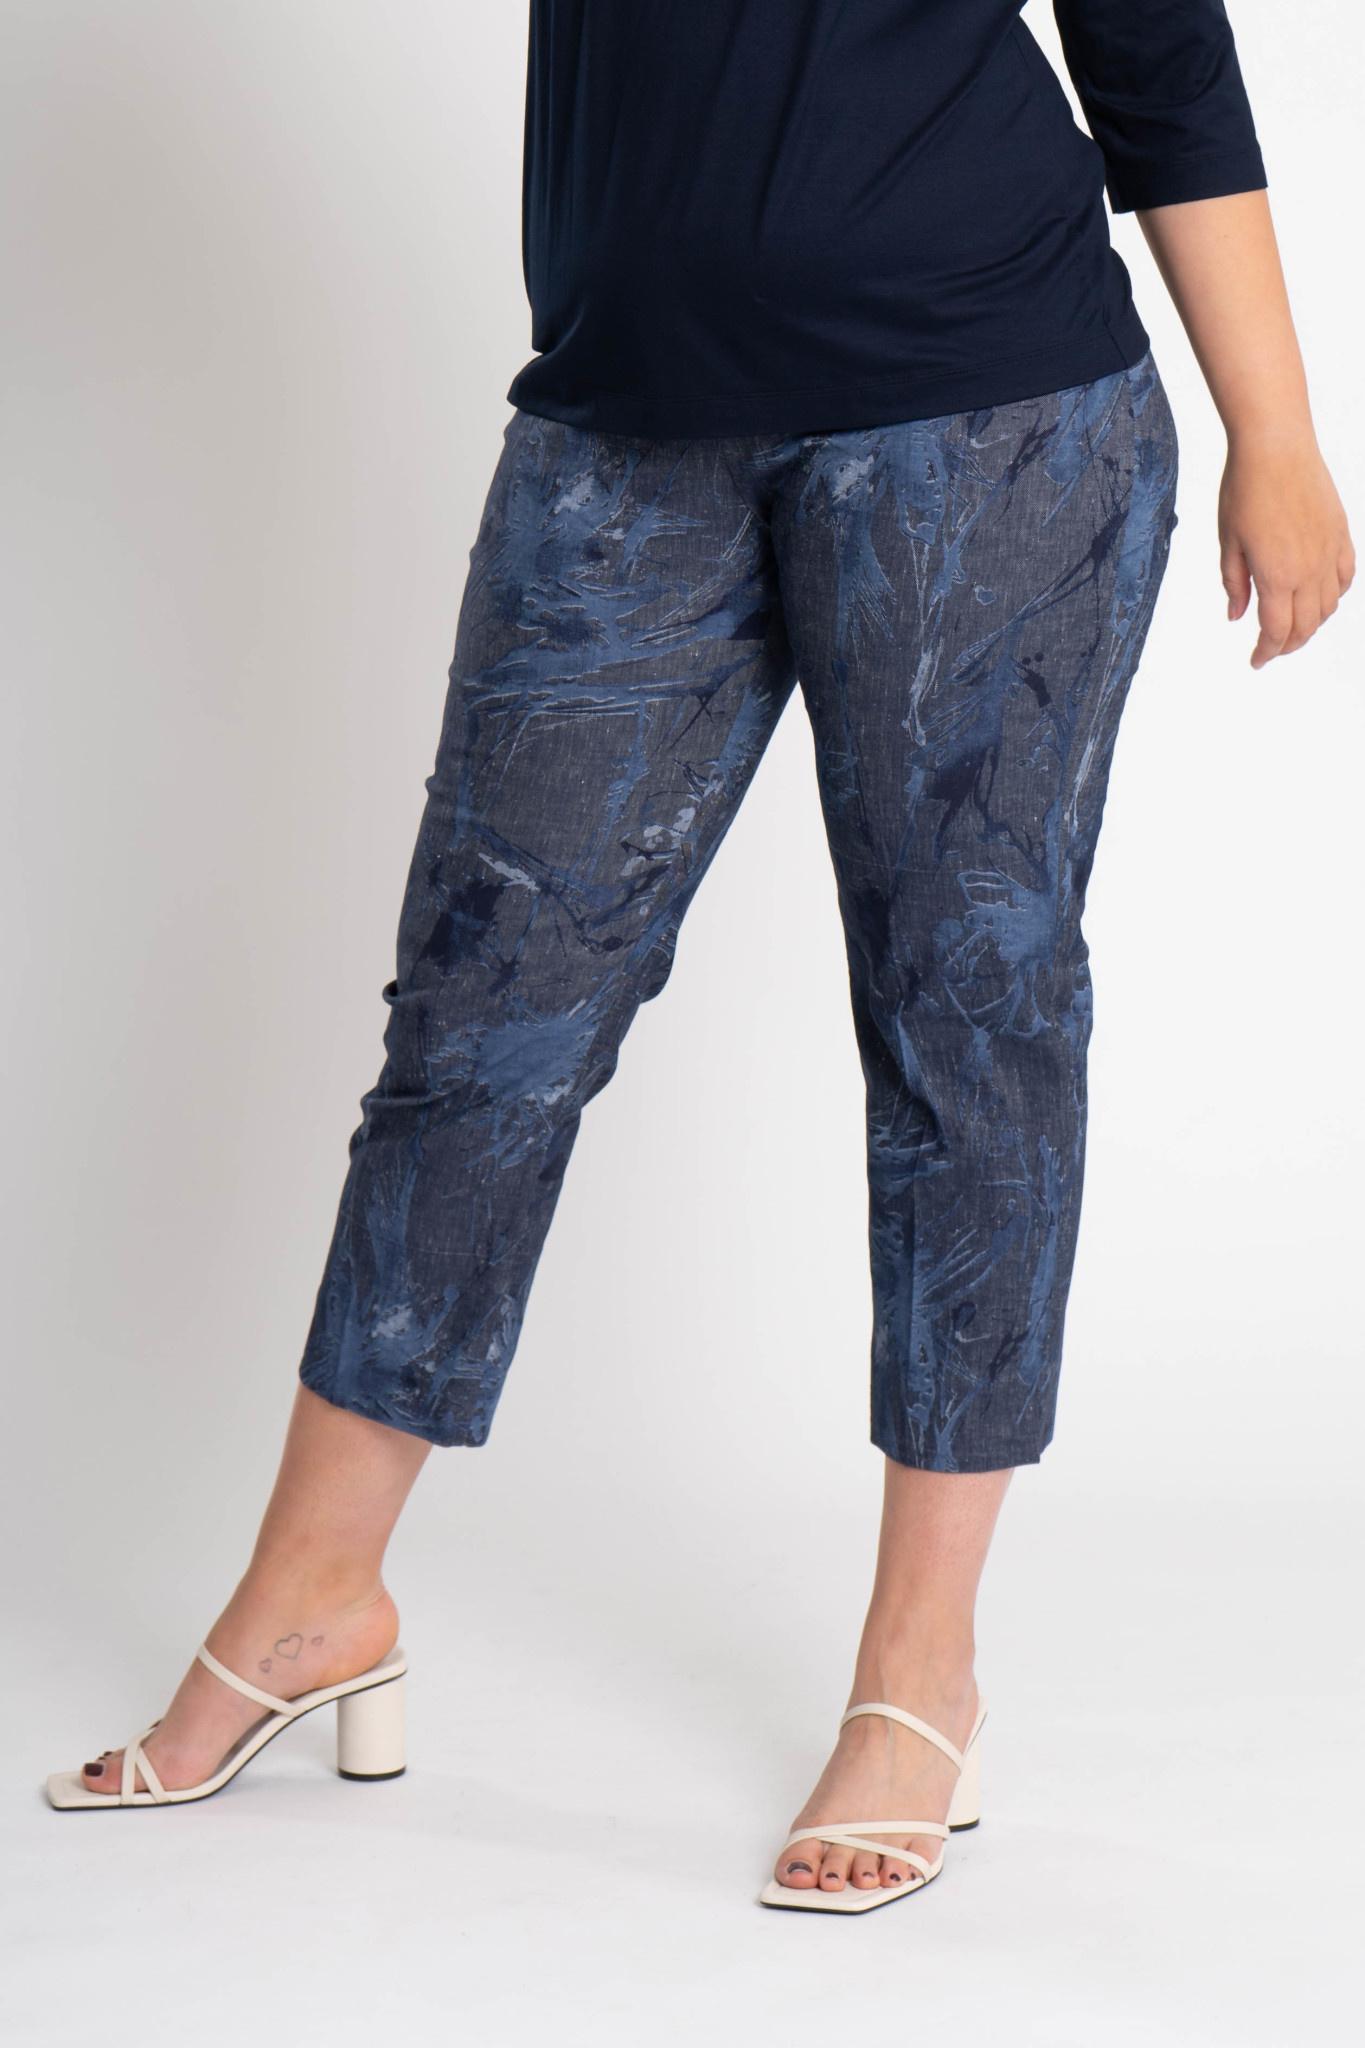 TAKI Trousers in Linen-1